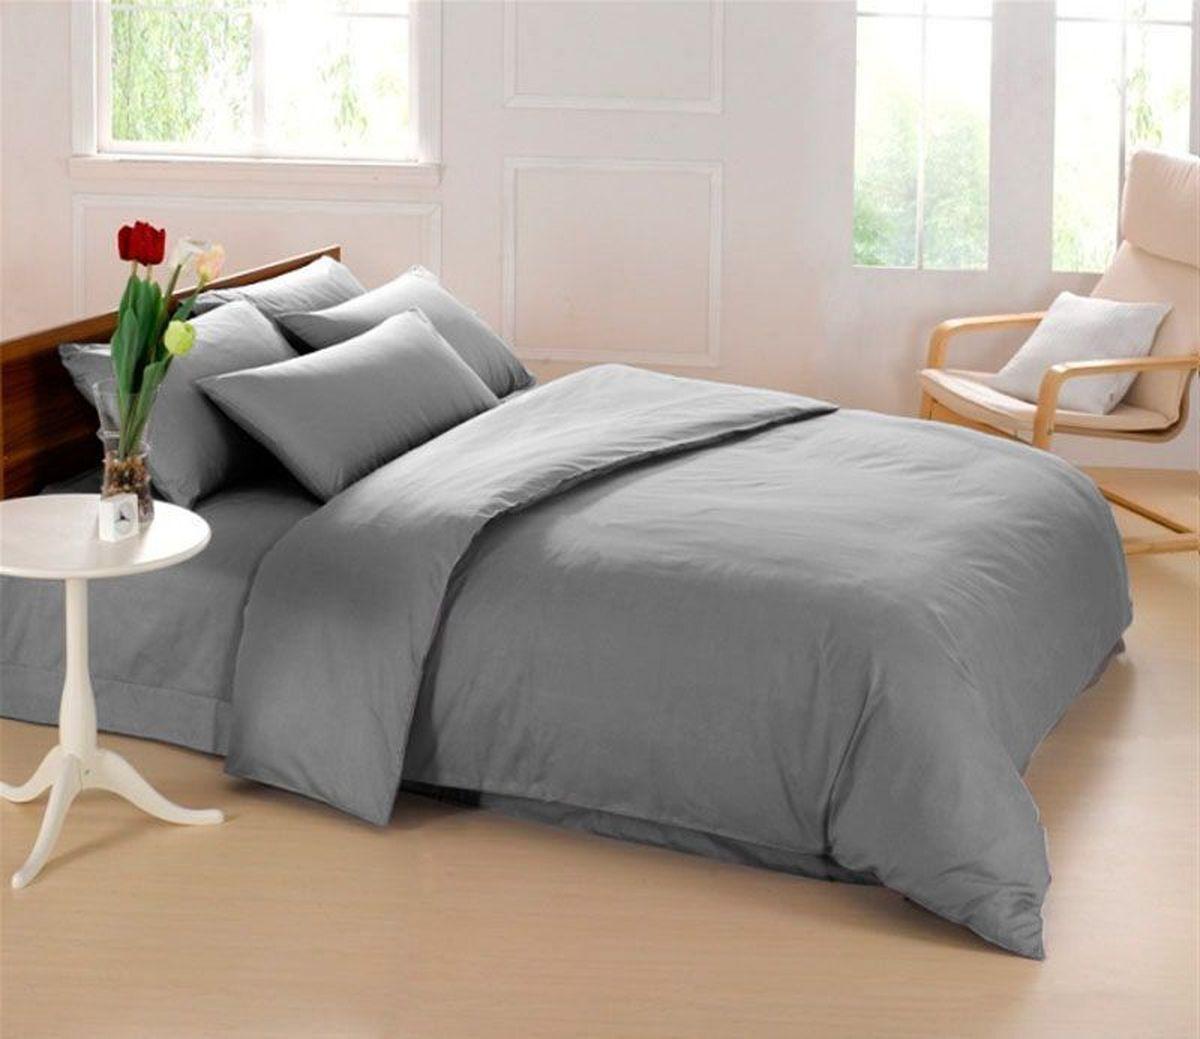 Постельное белье Sleep iX Perfection, семейный, цвет: серыйpva215432Известно, что цвет напрямую воздействует на психологическое и физическое состояние человека. Специально для наших покупателей мы внесли описание воздействия каждого цвета в комплекты постельного белья Perfection. Серый – нейтральный цвет. Расслабляет, помогает успокоиться и способствует здоровому сну. Усиливает воздействие соседствующих цветов. Производитель: Sleep iX Материал: Микрофреш (100 г/м2) Состав материала: 100% микрофибра Размер: Семейное (2 пододеял.) Размер пододеяльника: 150х220 см Тип застежки на пододеяльнике: Молния (100 см) Размер простыни: 220х240 (обычная) Размер наволочек: 50х70 и 70х70 (по 2 шт) Тип застежки на наволочках: Клапан (20 см) Упаковка комплекта: Подарочная Коробка Cтрана производства: Китай Расположение цветов на комплекте постельного белья полностью соответствует фотографии (верхние наволочки - 50х70 см, нижние наволочки - 70х70 см).